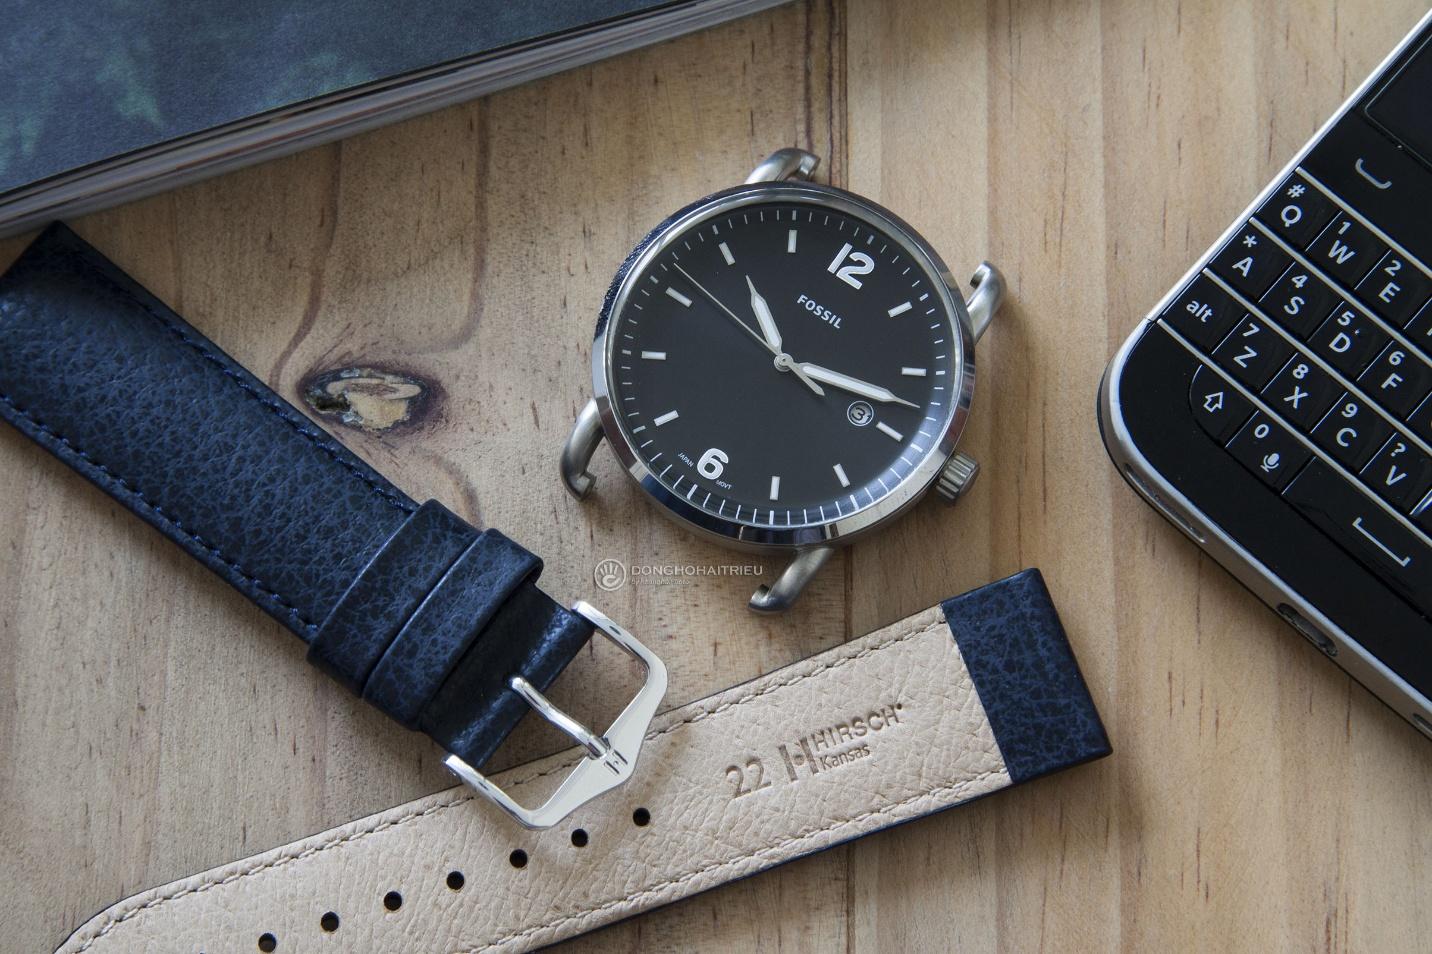 Bộ sưu tập dây da được các thương hiệu đồng hồ nổi tiếng thế giới ưa chuộng - Ảnh 6.